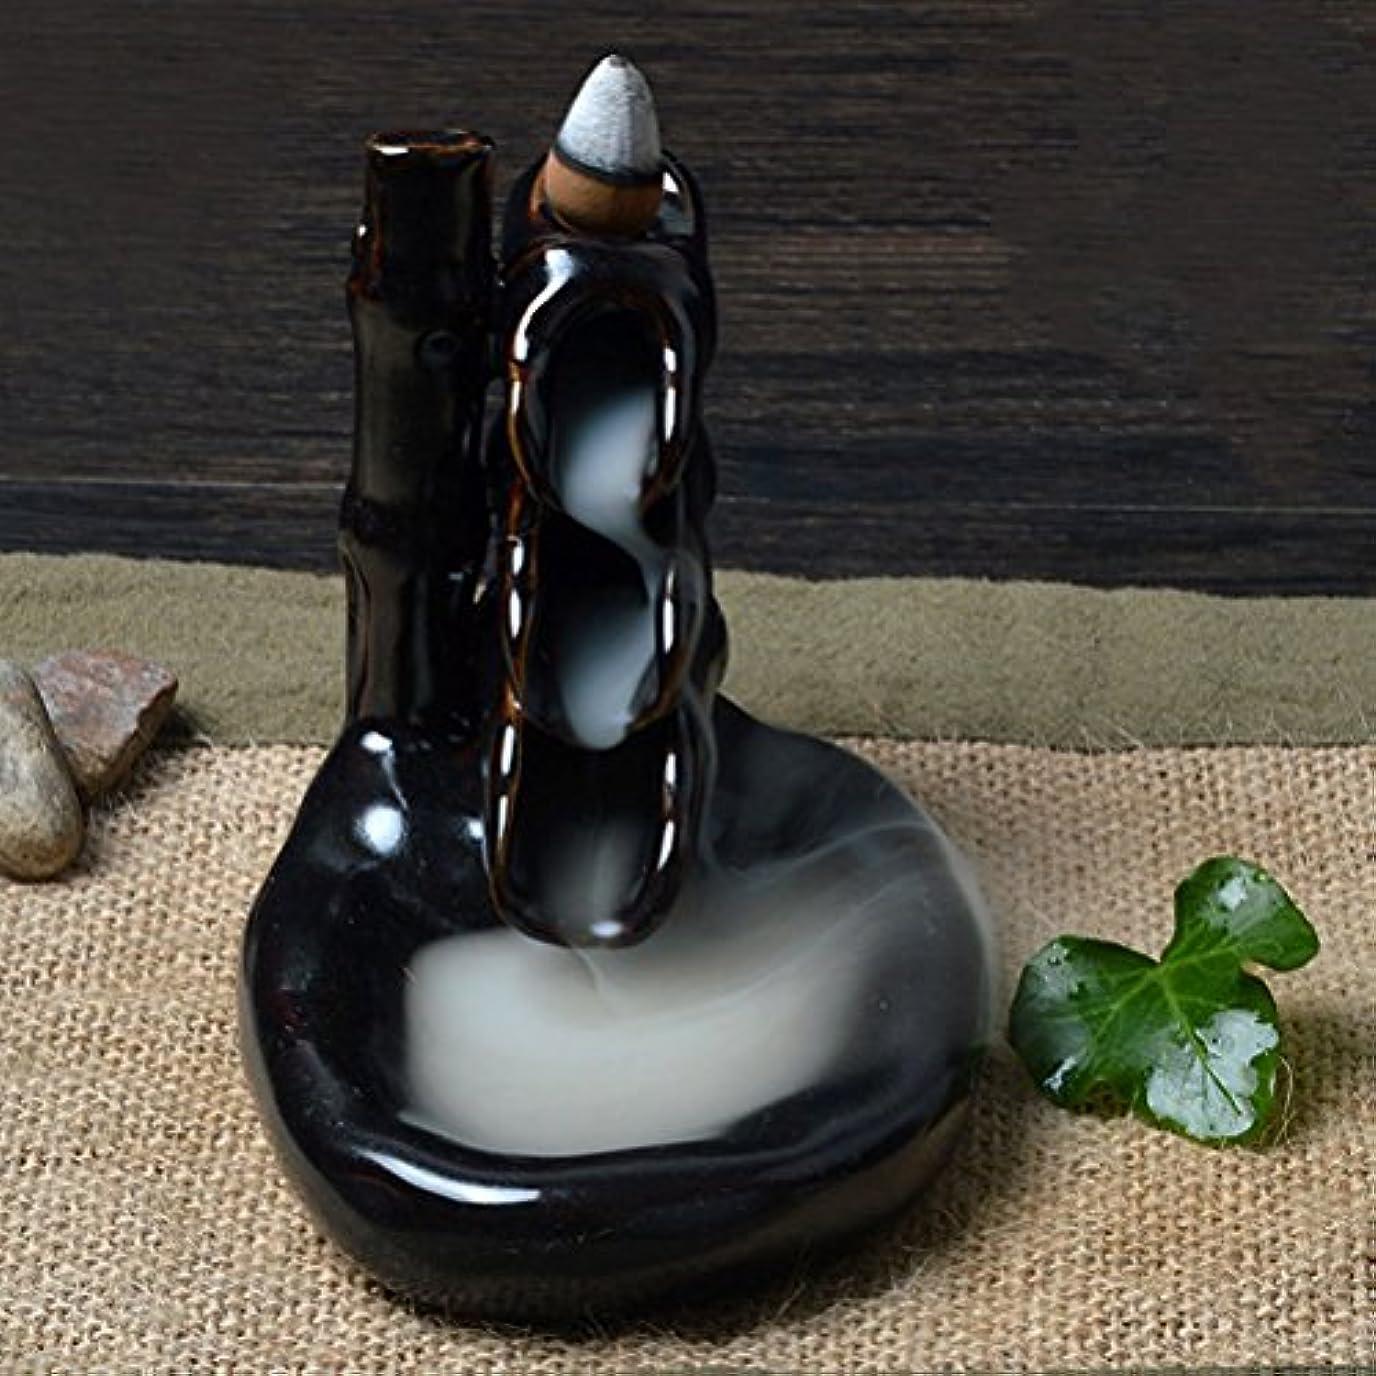 注釈拒絶それるRosenice 香炉お香バーナー セラミック釉線香煙逆流タワー ホルダー